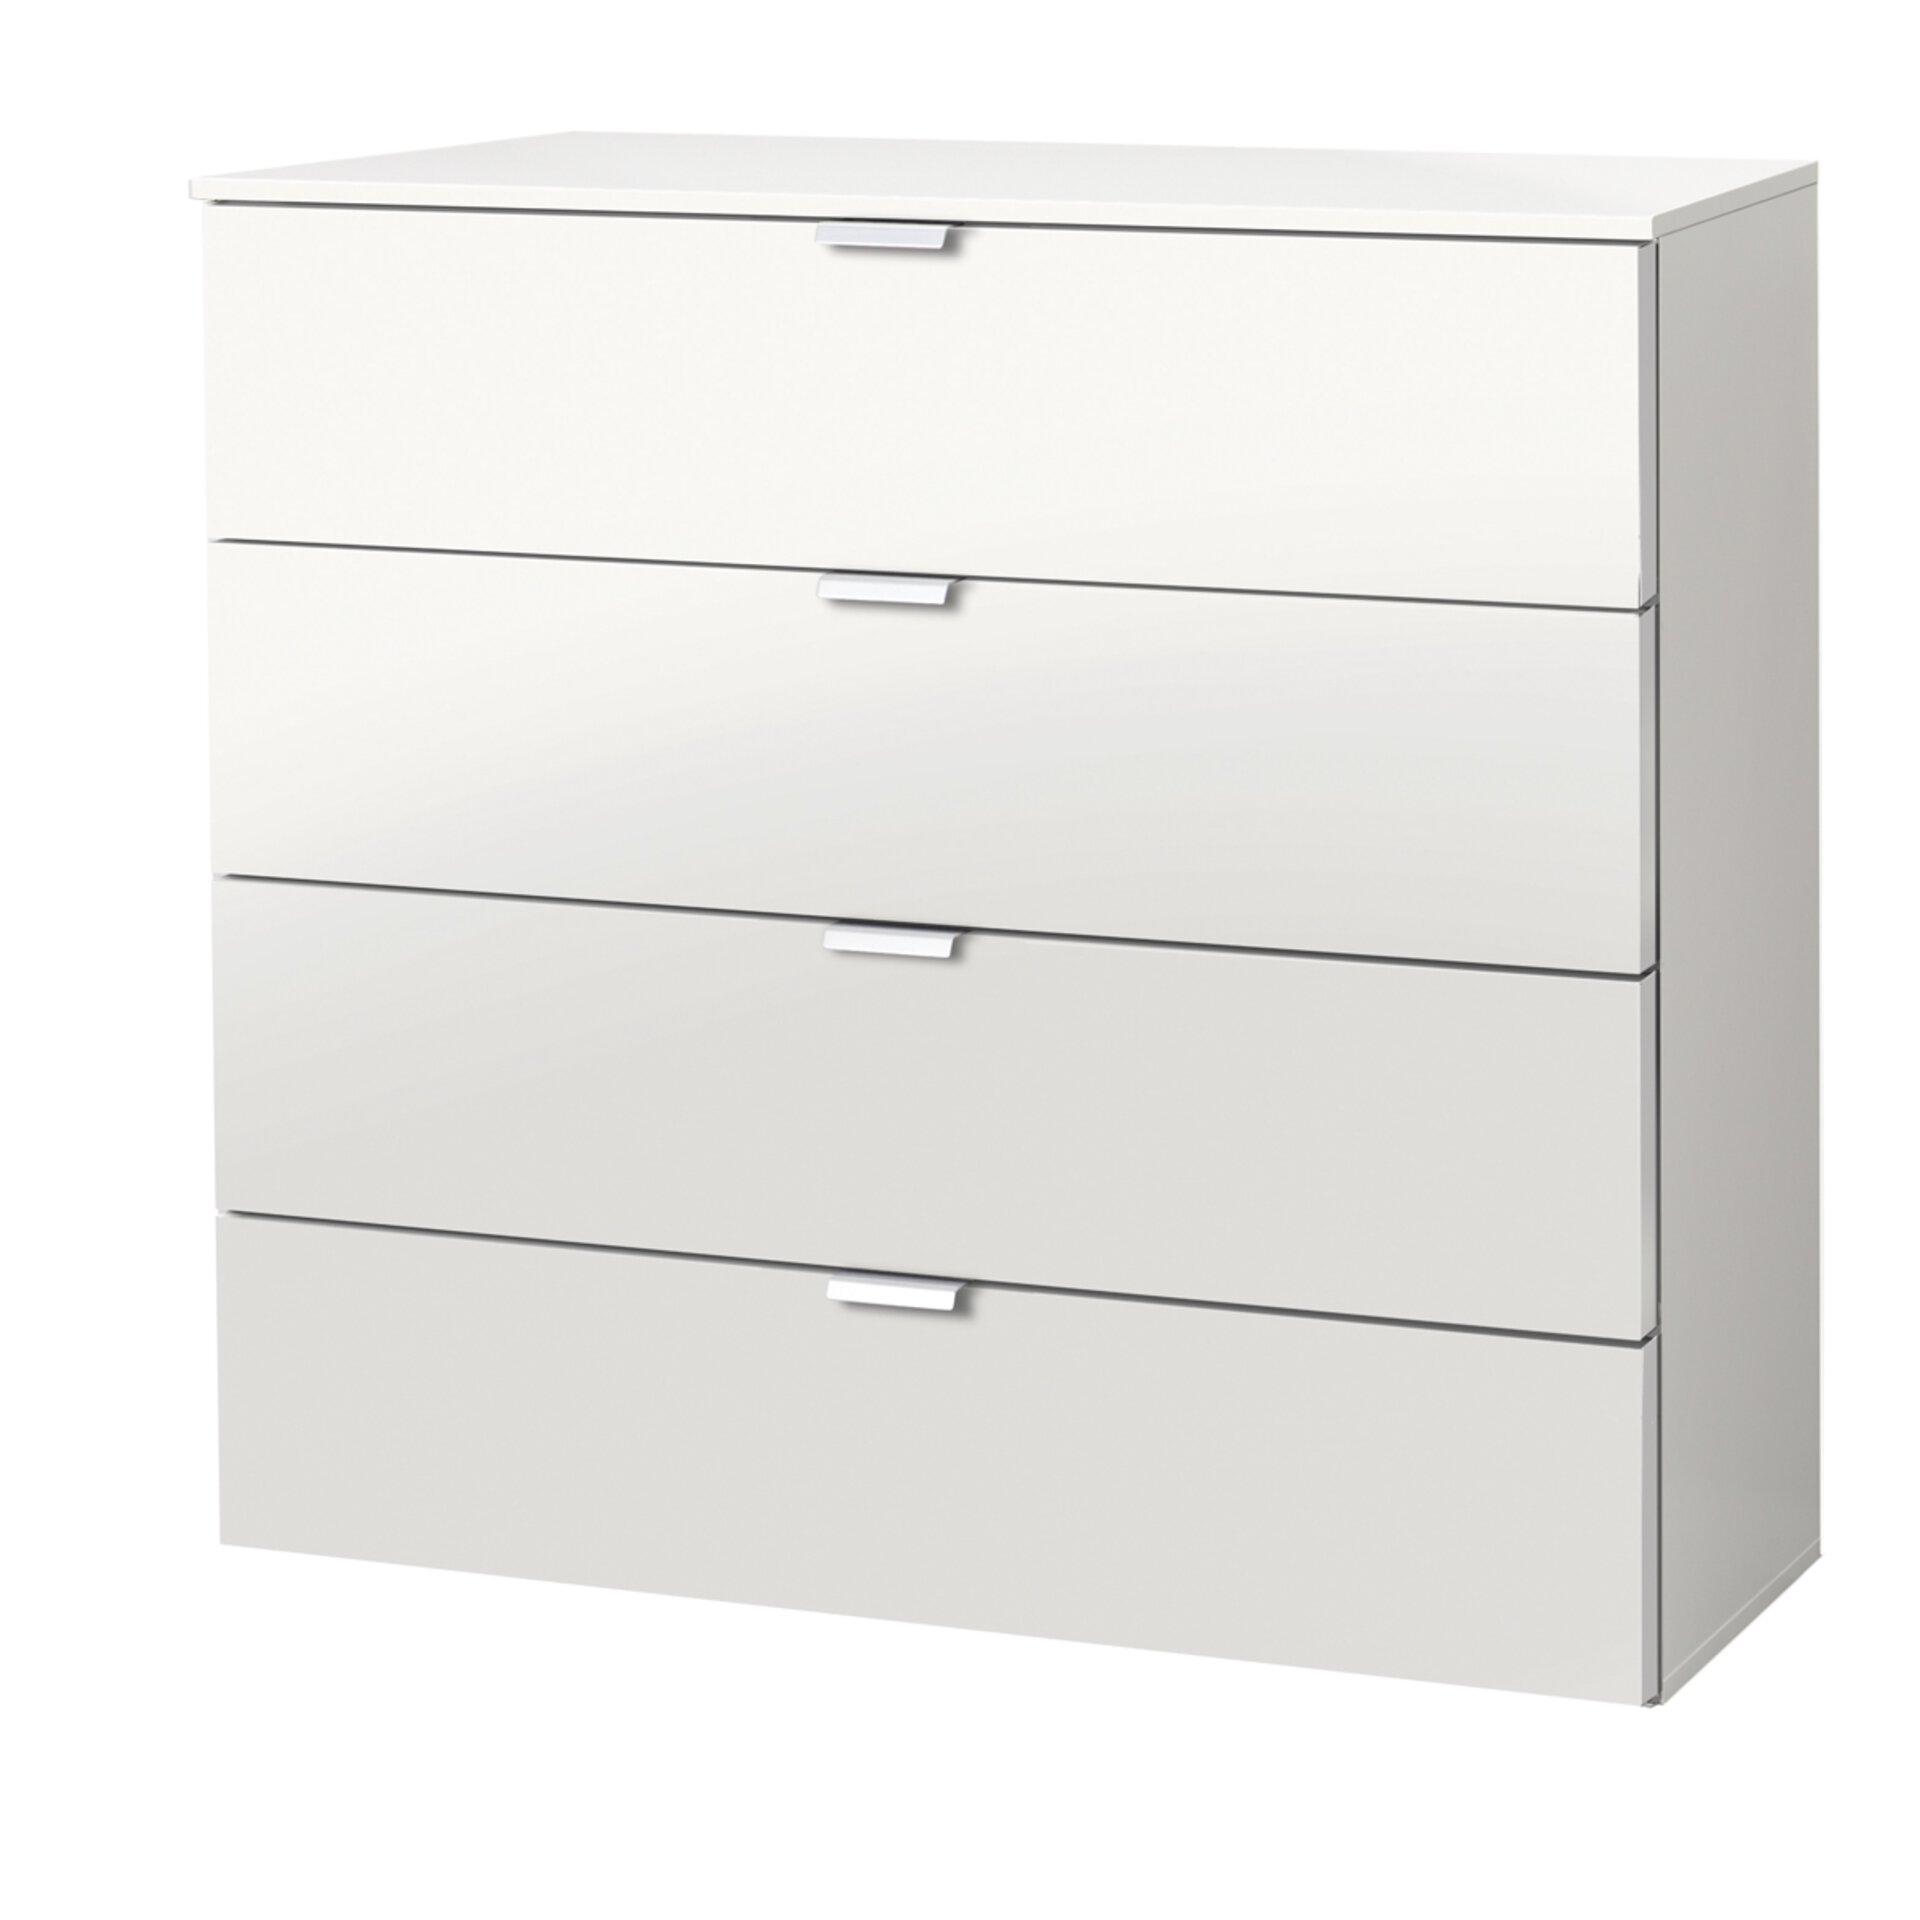 Kommode SANFORD LIV'IN Holzwerkstoff weiß 42 x 80 x 80 cm